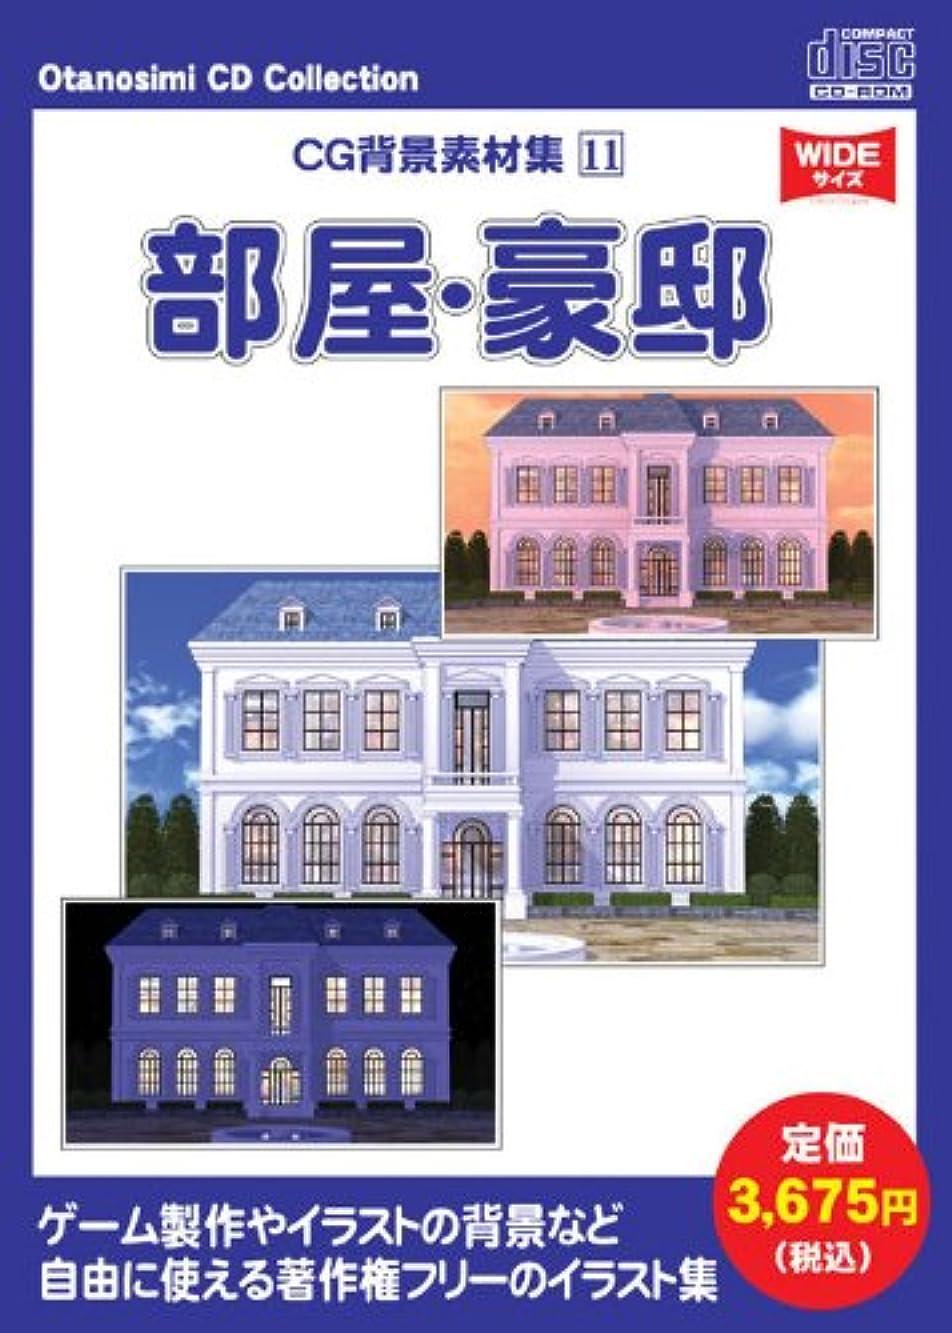 作り純正モールお楽しみCDコレクション 「CG背景素材集 11 部屋?豪邸」